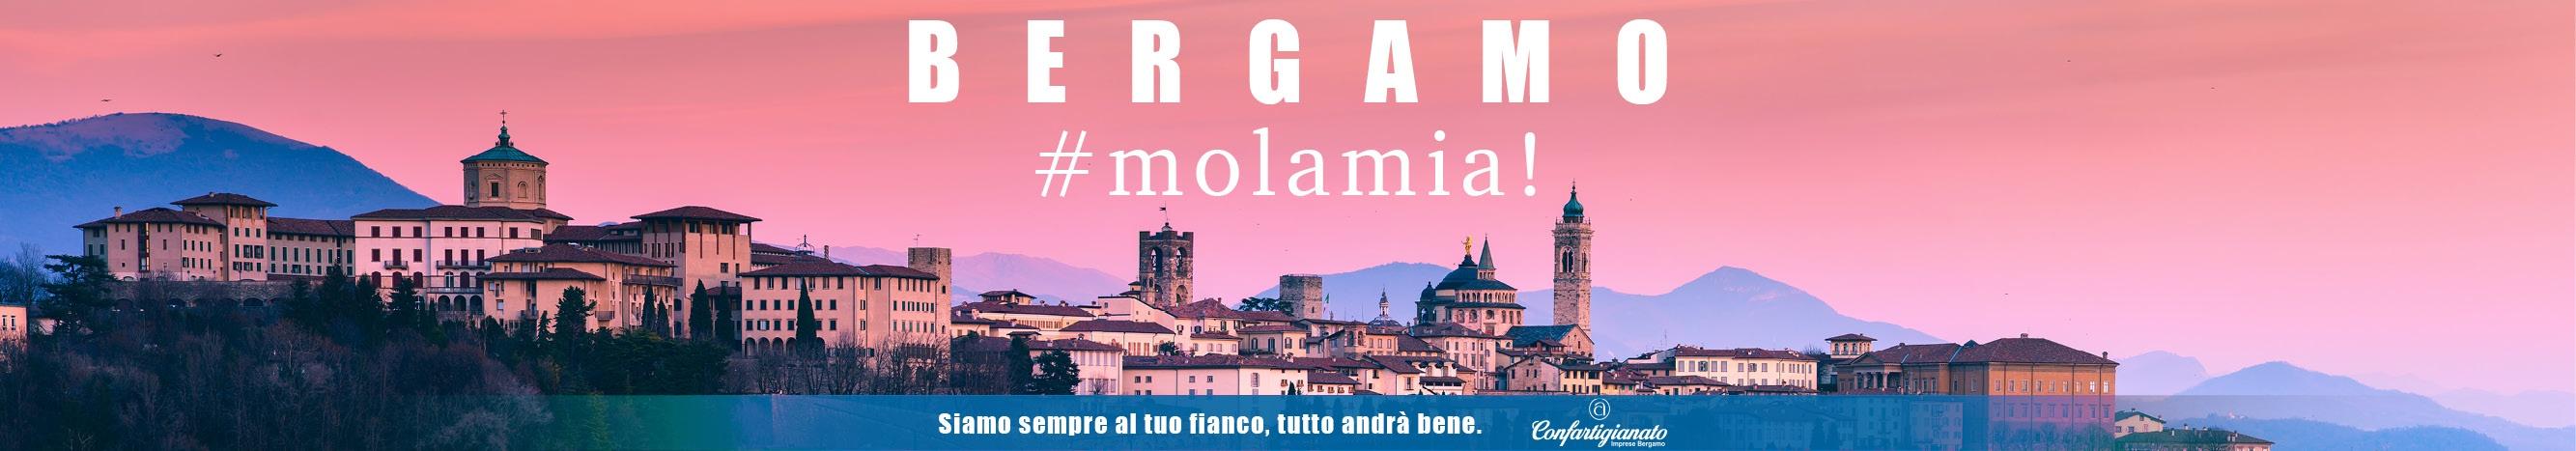 Bergamo-mola-mia_slider96